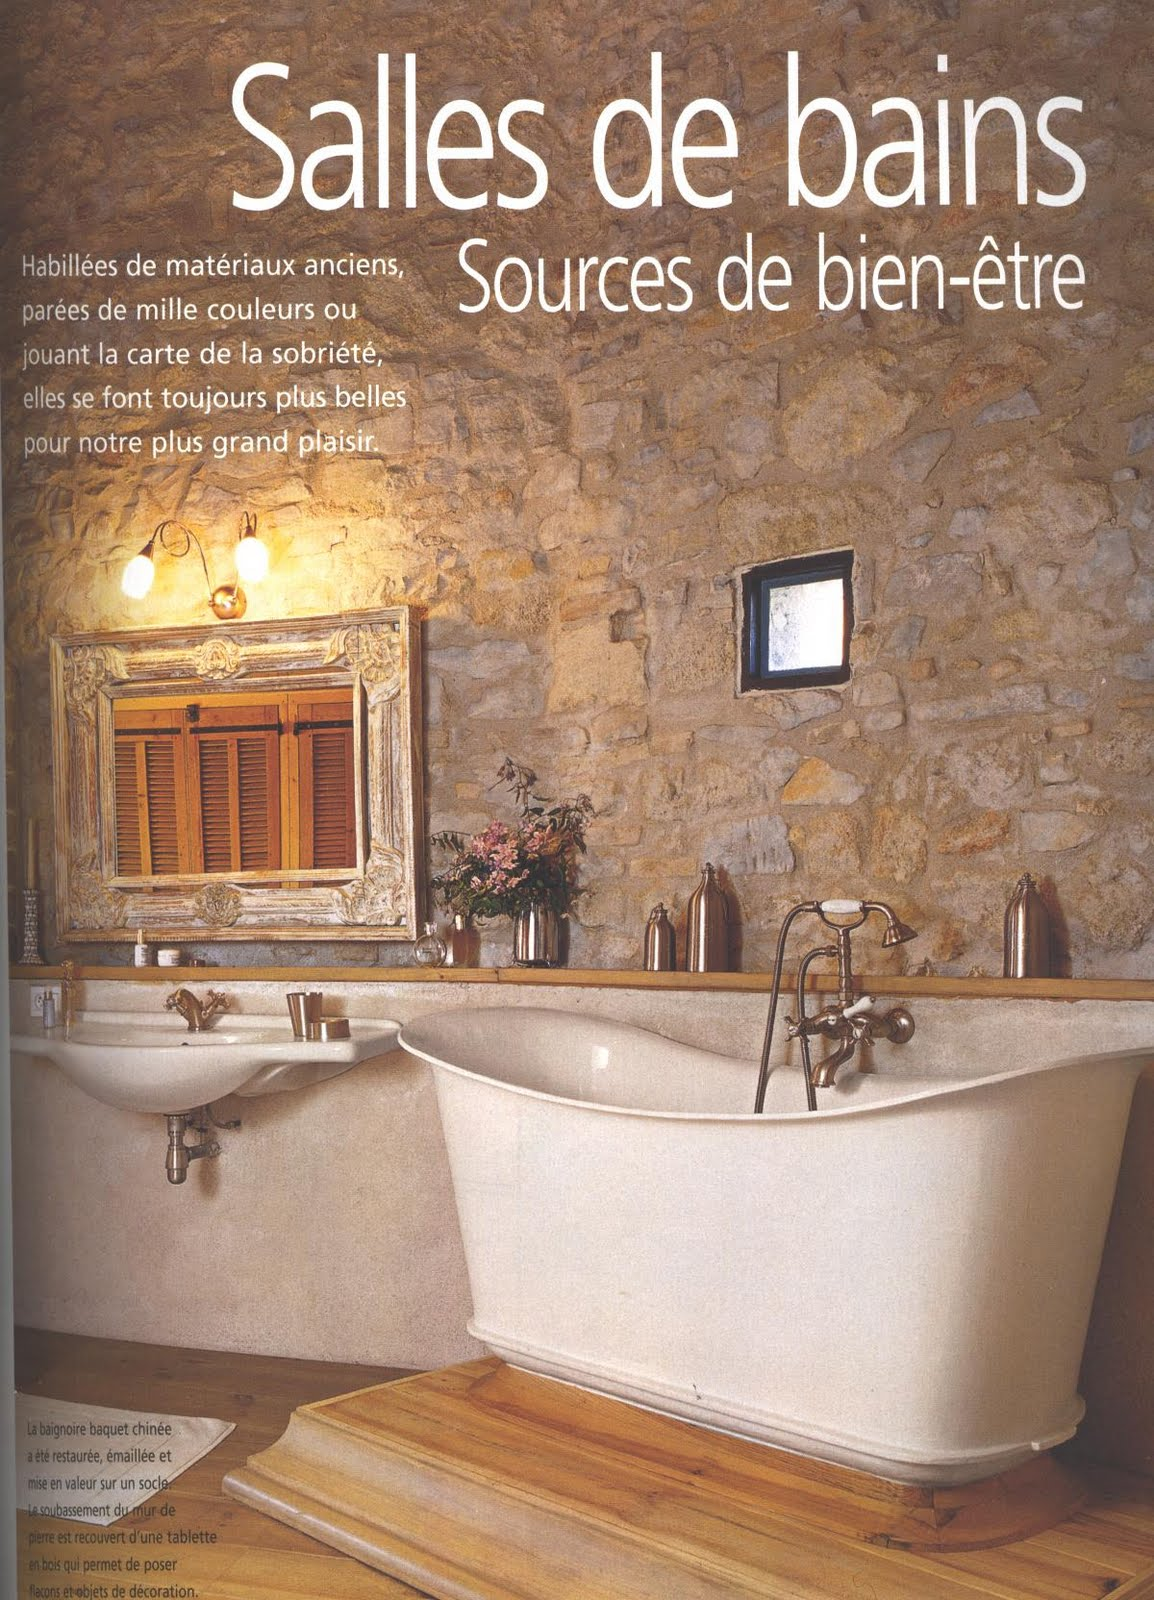 Arredamento provenzale francese bagno stile provenzale for Arredamento country chic o provenzale